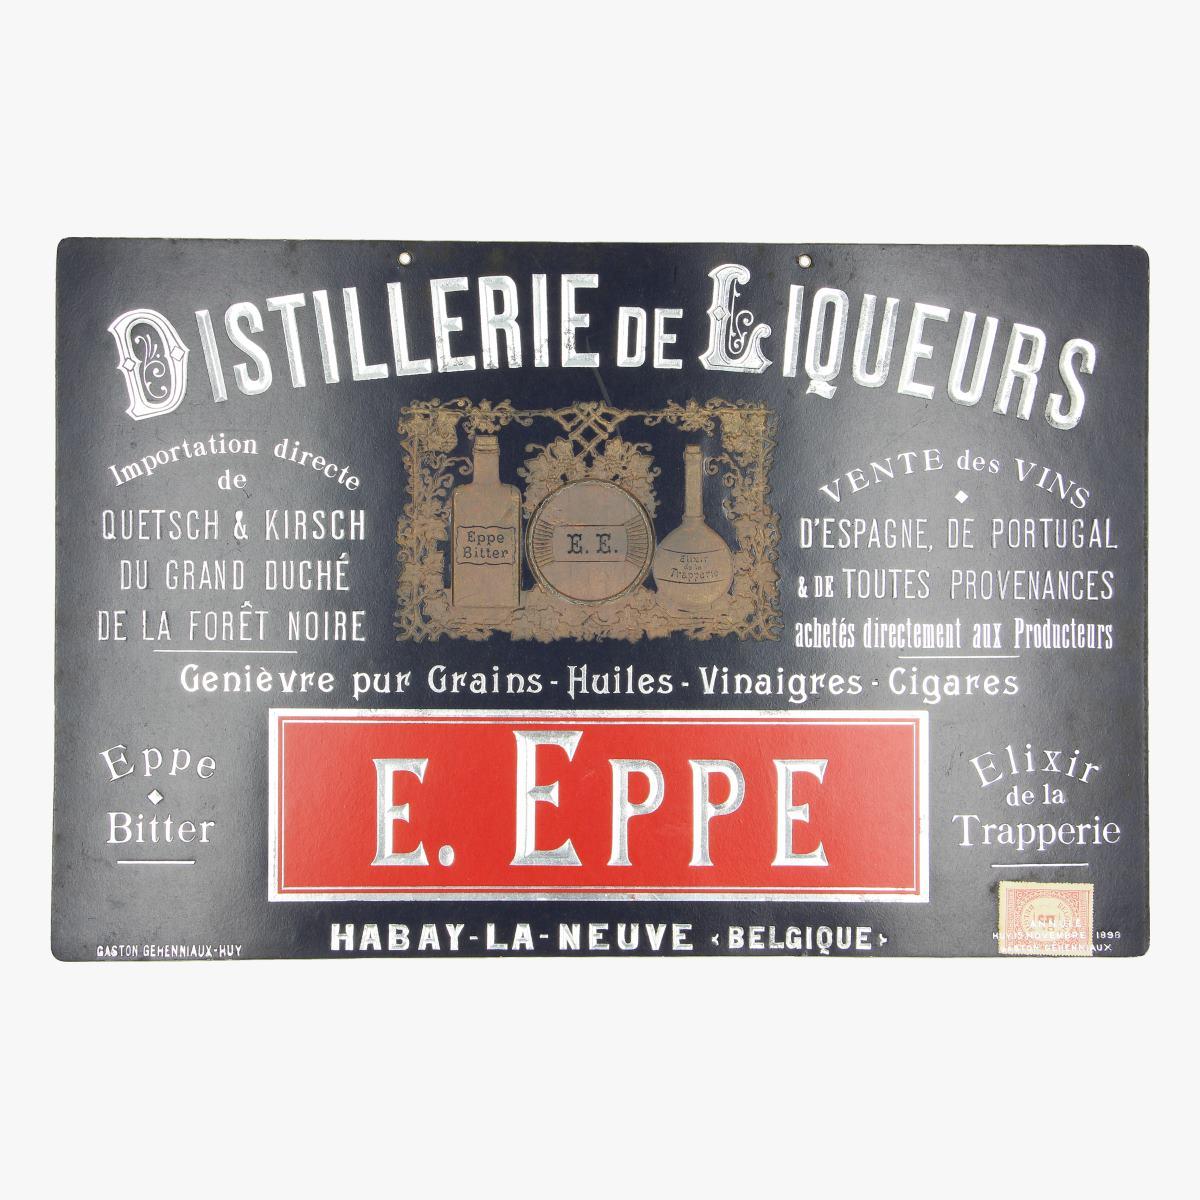 Afbeeldingen van CARTON PUBLICITAIRE 1898 DISTILLERIE LIQUEURS  E.Eppe Habay-la neuve Belgique